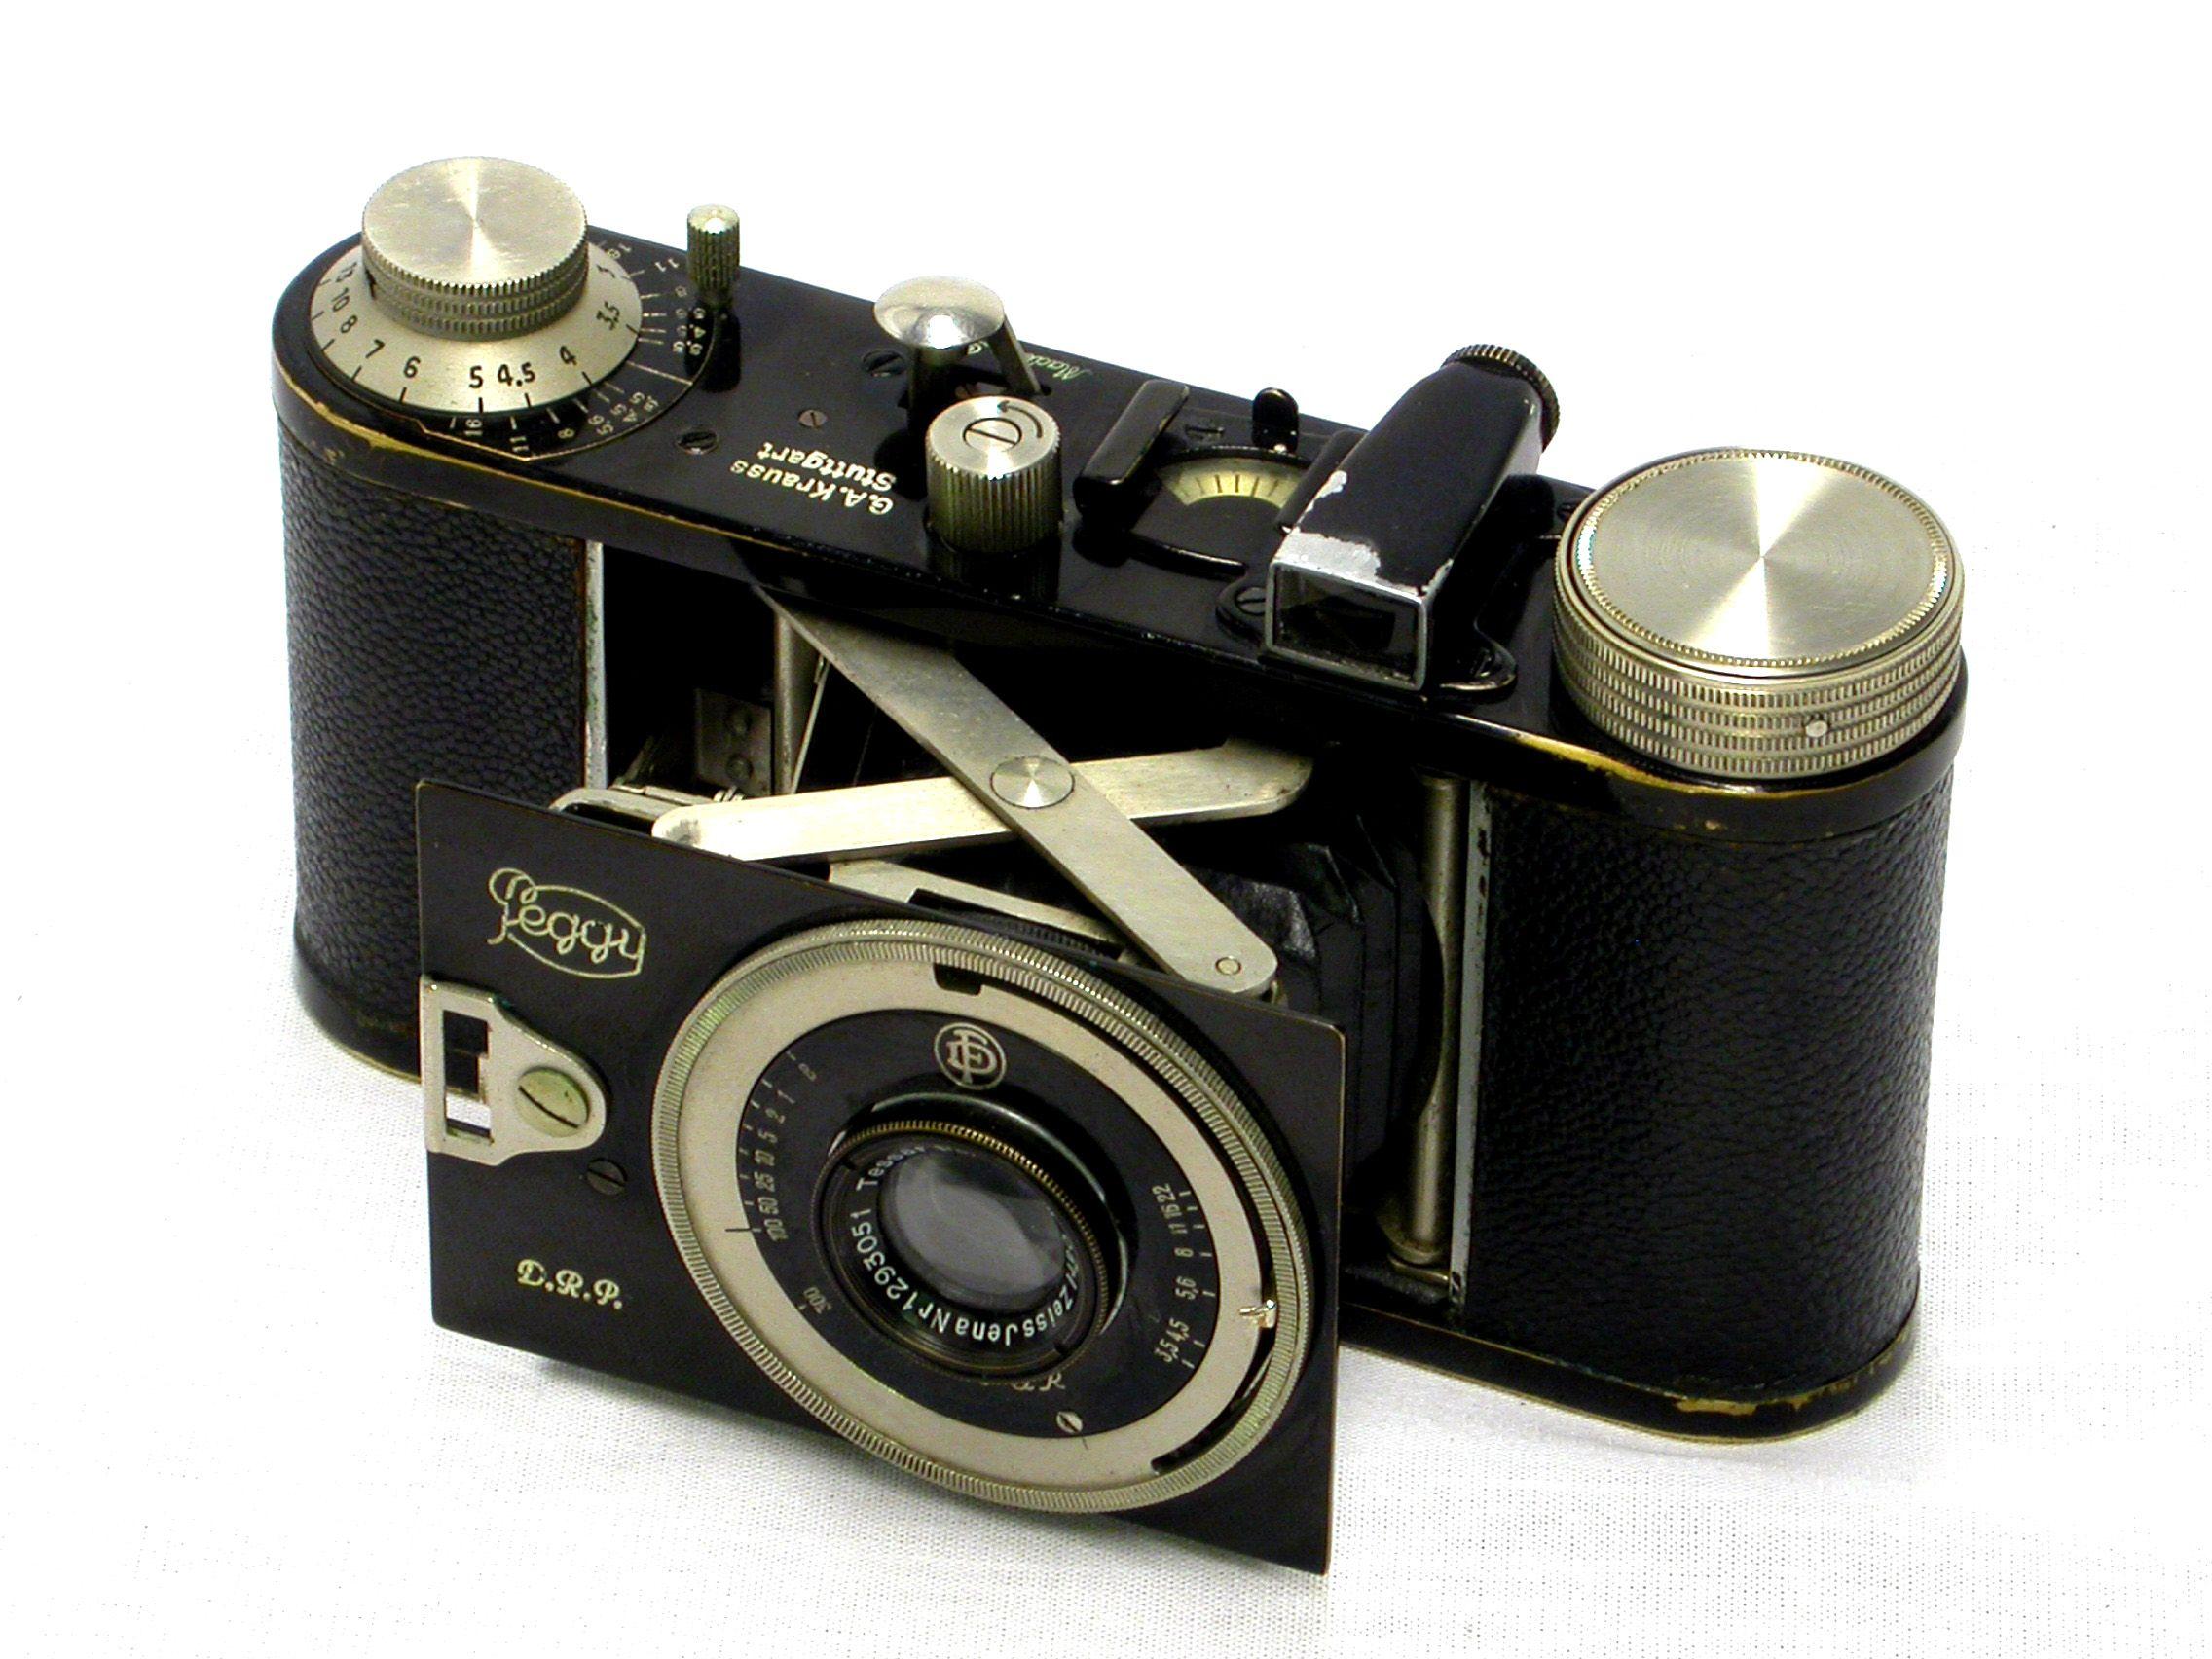 современный пленочный фотоаппарат опишу